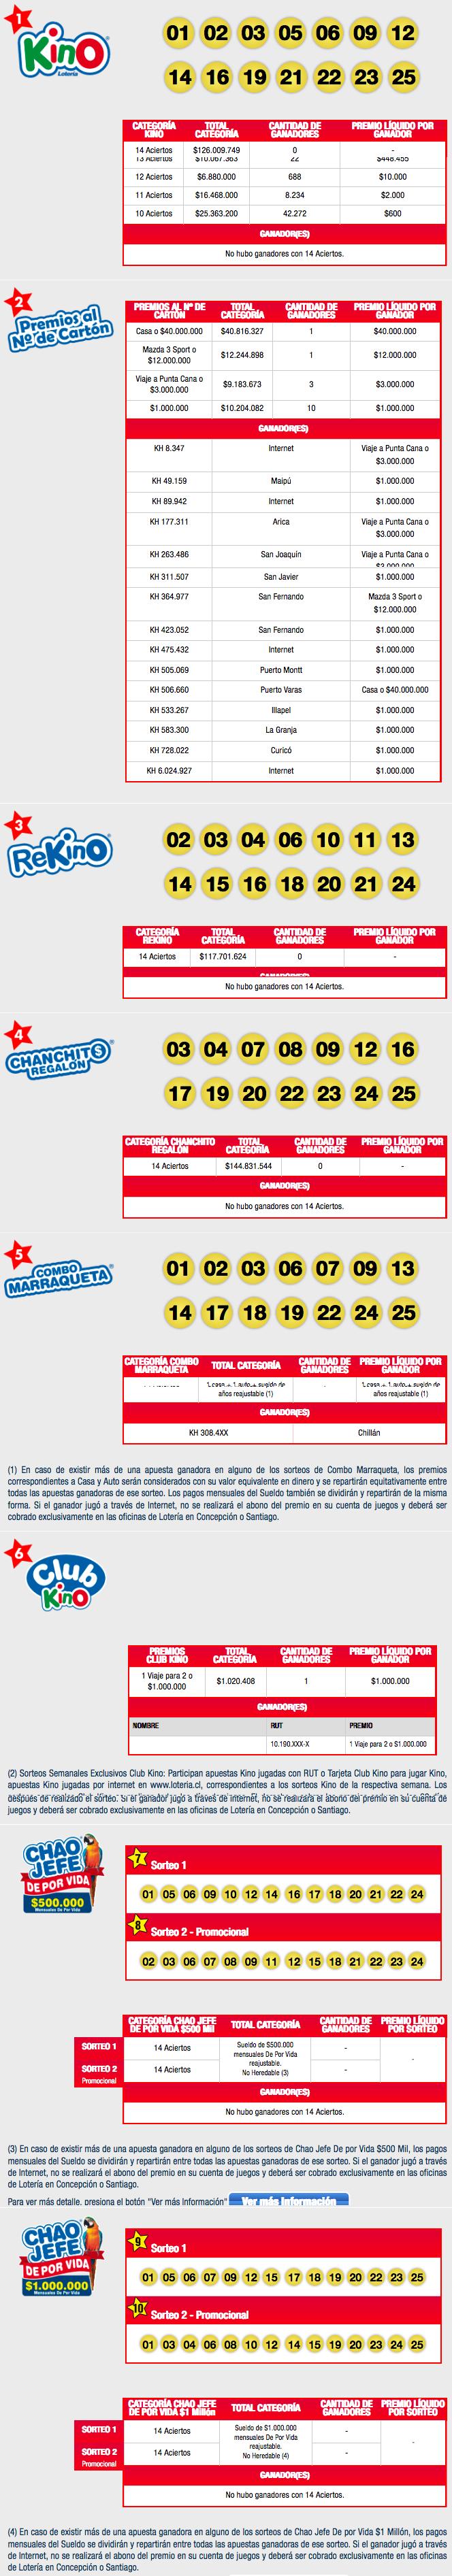 Resultados Kino Chile Sorteo 2135